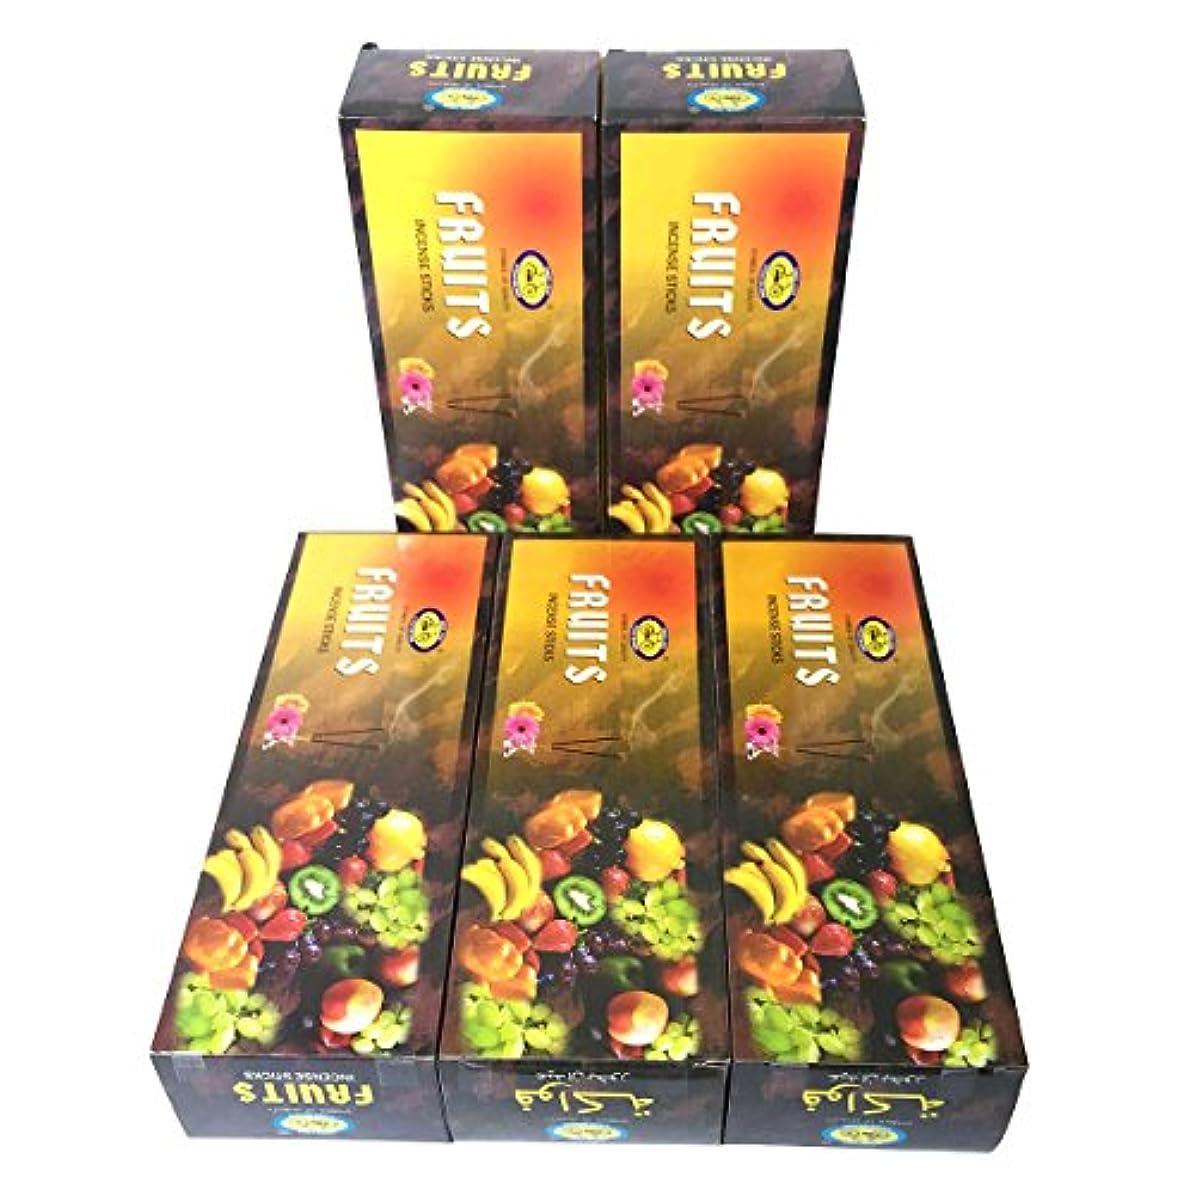 過去発動機届けるフルーツ香 スティック 5BOX(30箱)/CYCLE FRUITS/ インド香 / 送料無料 [並行輸入品]